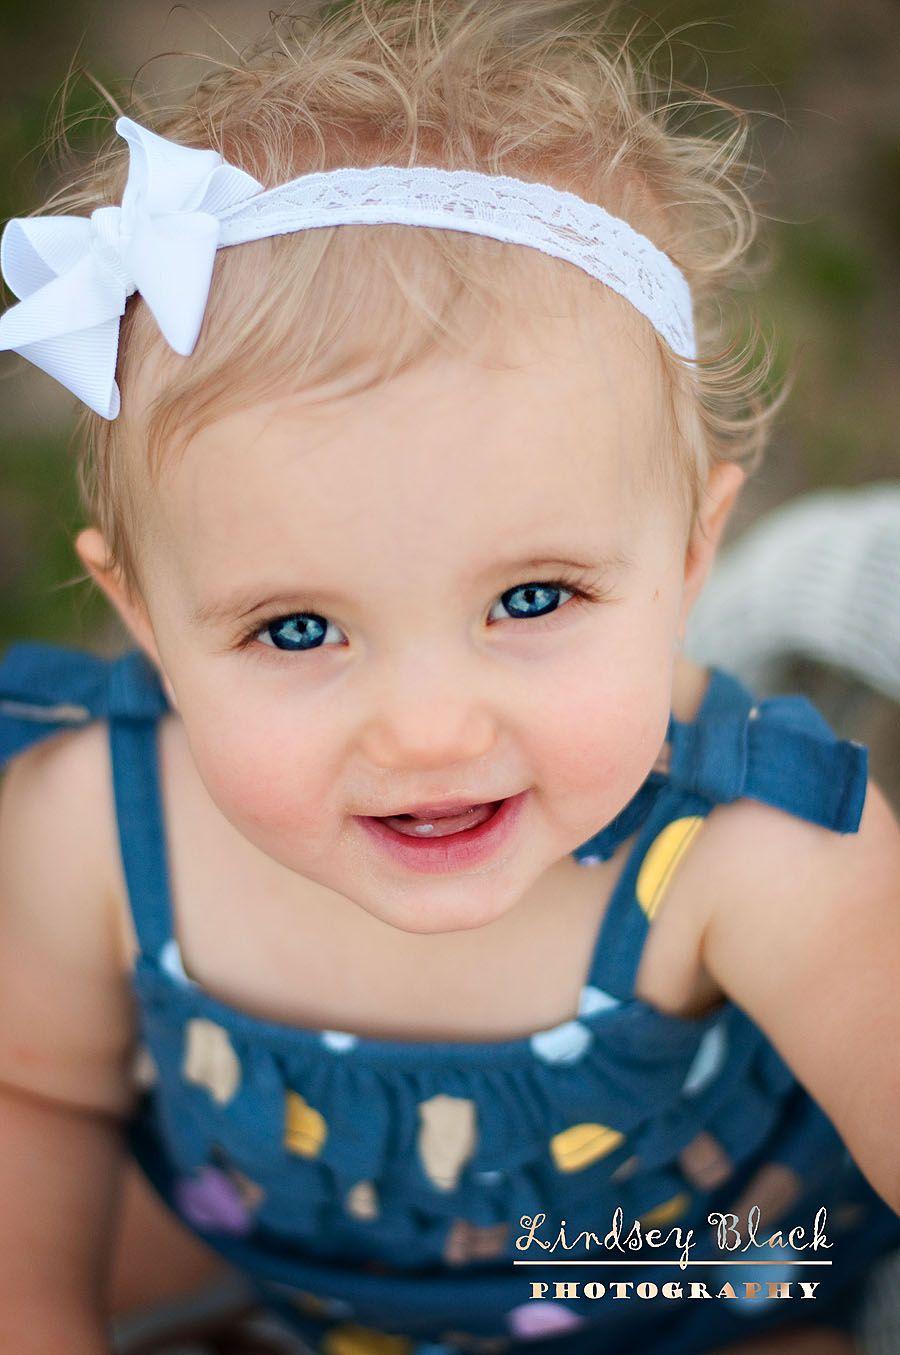 Sezon Depresji Blonde Babies Blonde Hair Blue Eyes Beautiful